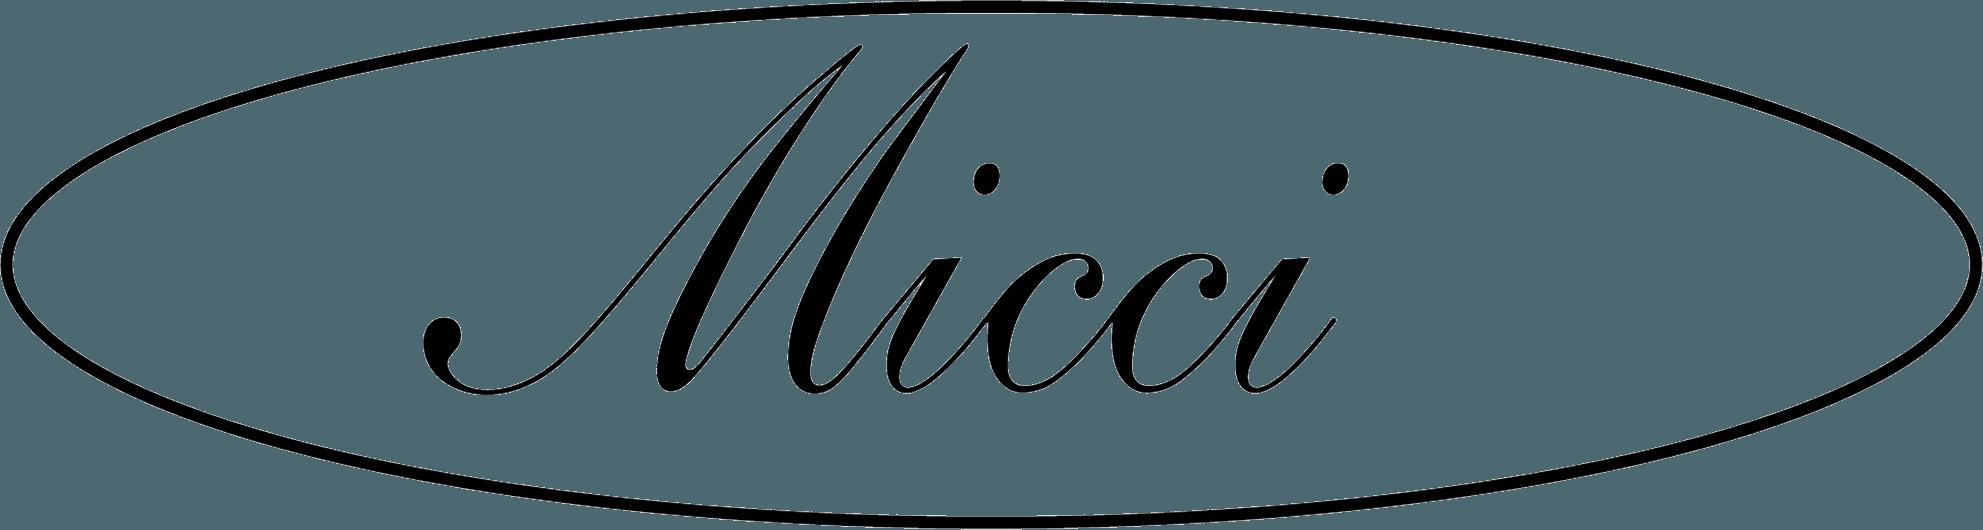 Trattoria Pizzeria Micci in Rome since 1936 - Prati Quarter